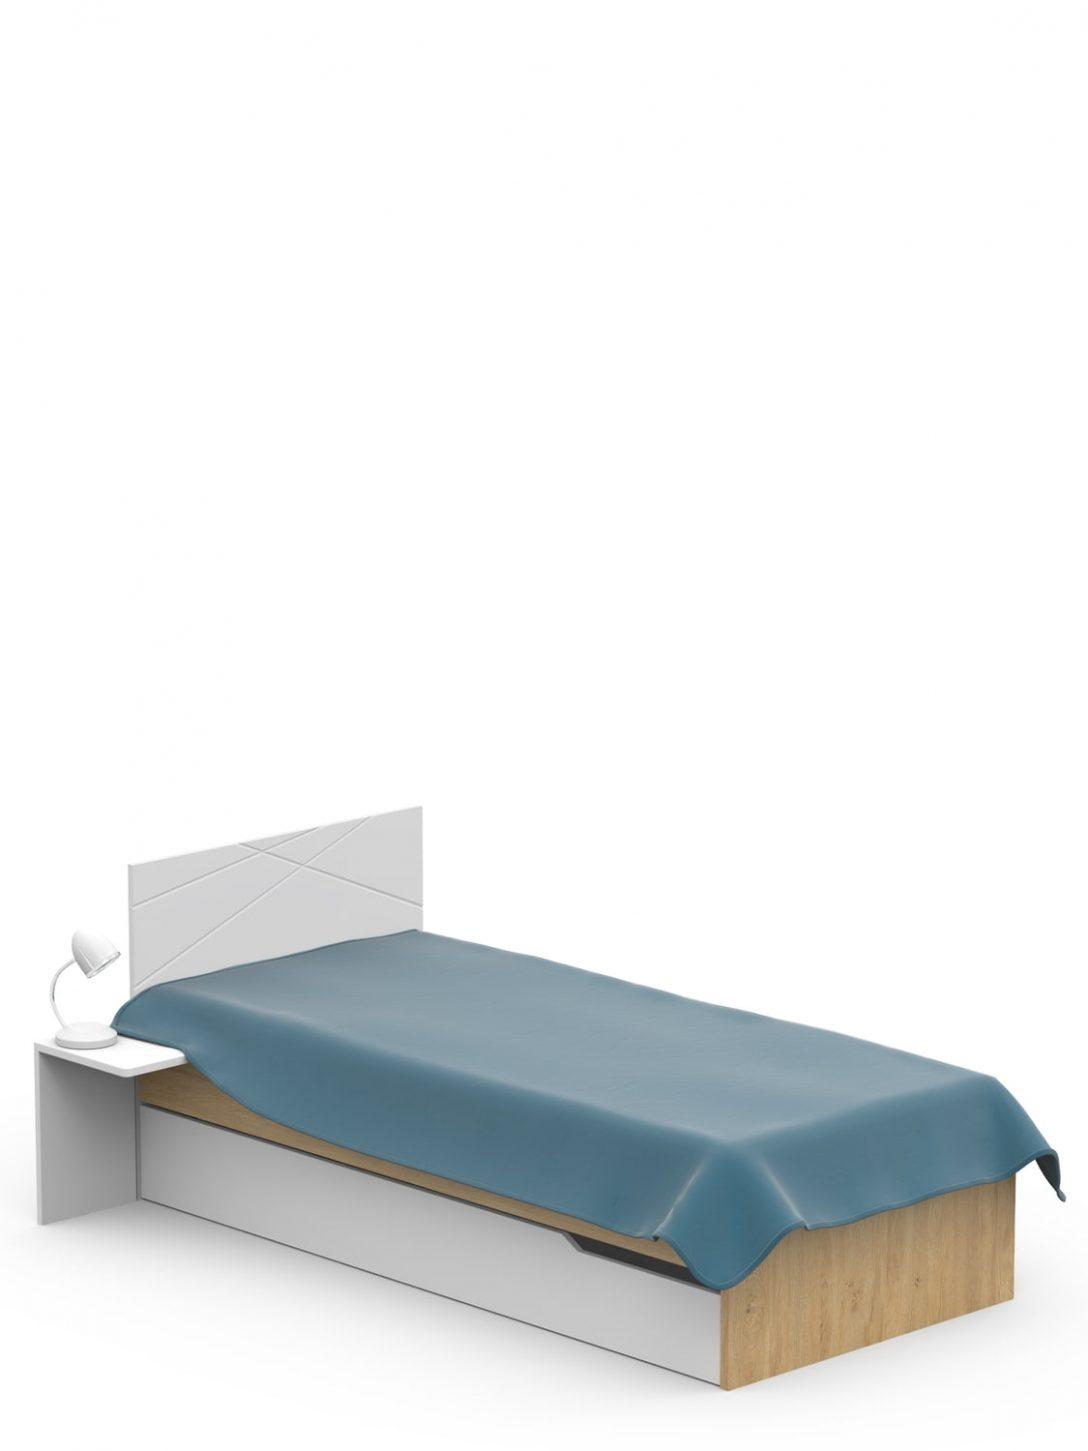 Large Size of Bett 90x190 Oak Meblik Boxspring Landhausstil Lifetime Einzelbett Even Better Clinique Günstig Betten Kaufen Cars 160x200 Aus Holz Nussbaum Ausklappbares Bett Bett 90x190